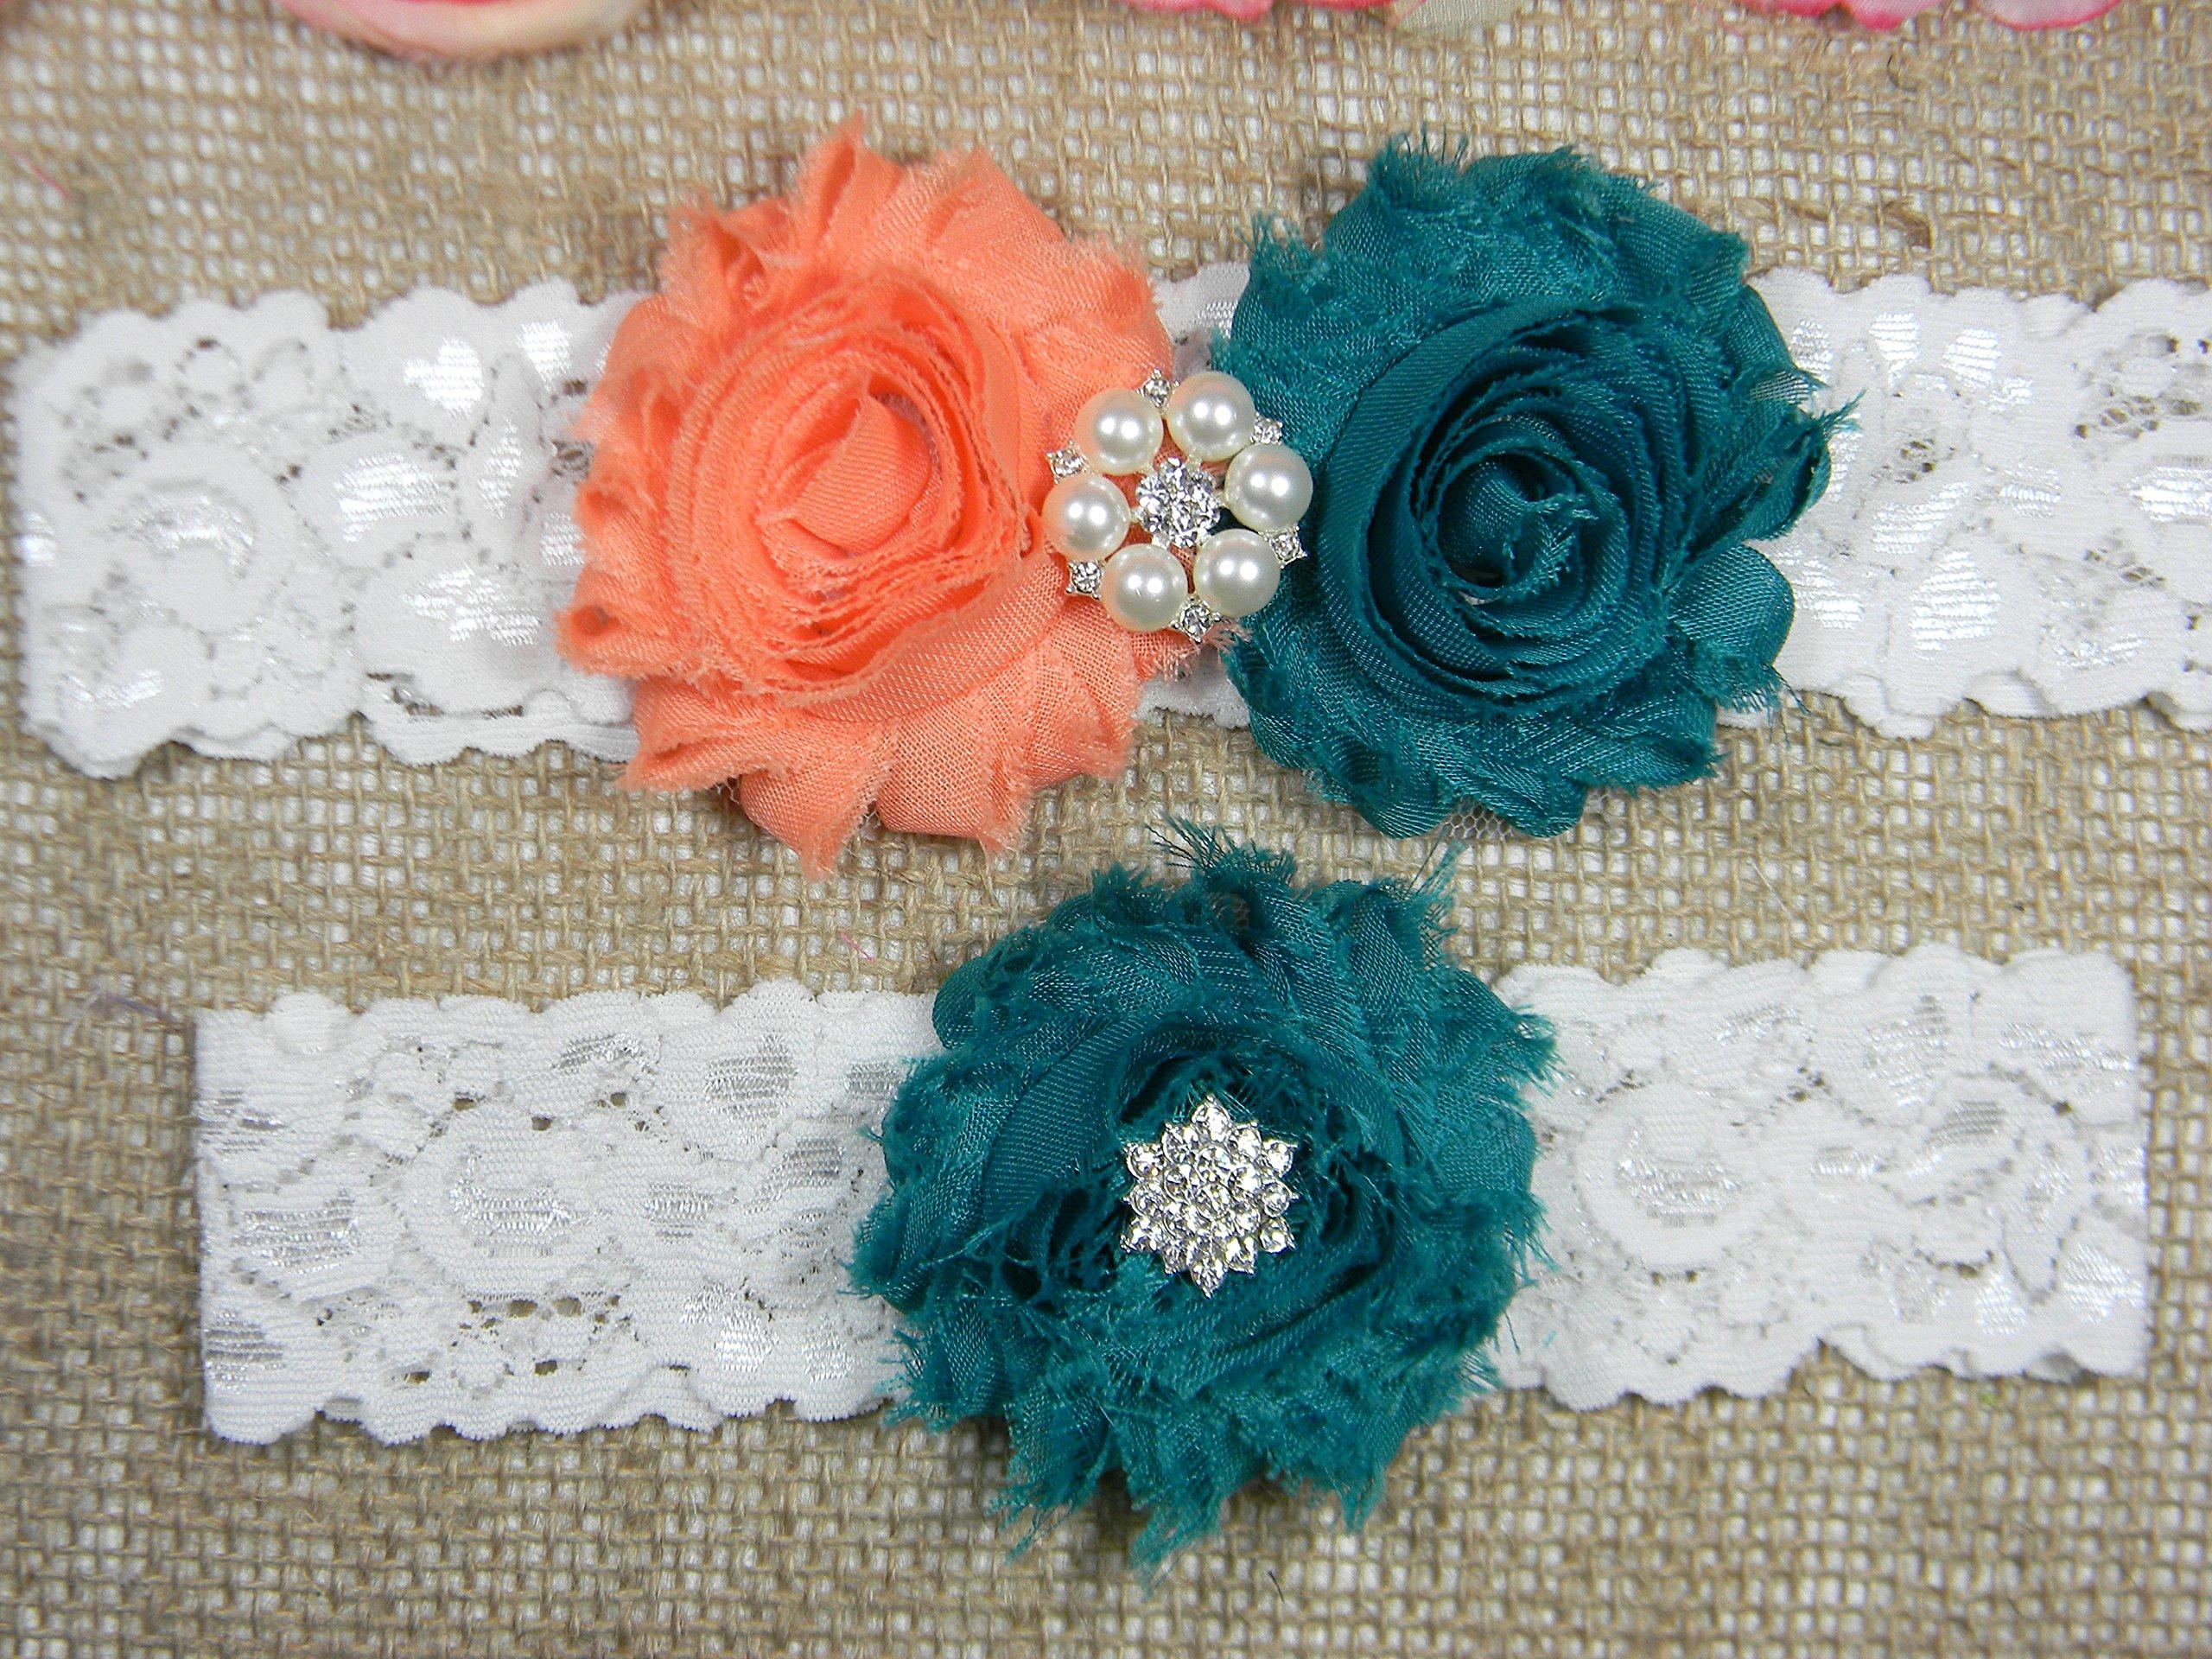 Wedding Garter Set, Bridal Garter Belt, Peach and Teal Garter, Keepsake and Toss Stretch Lace Garters